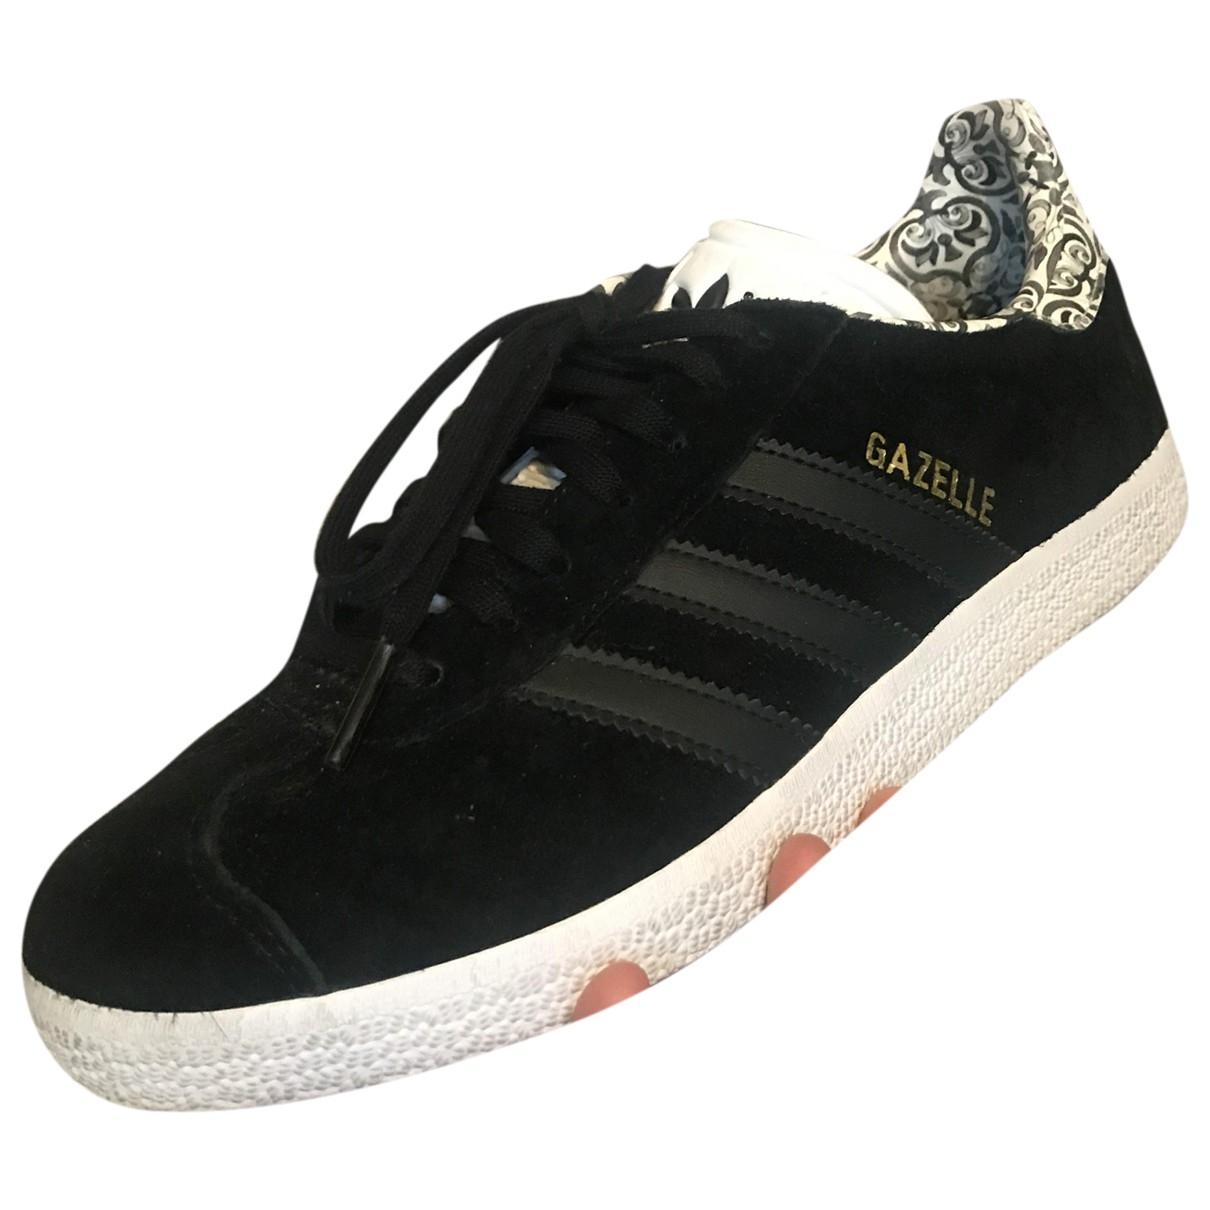 Adidas Gazelle Sneakers in  Schwarz Leder